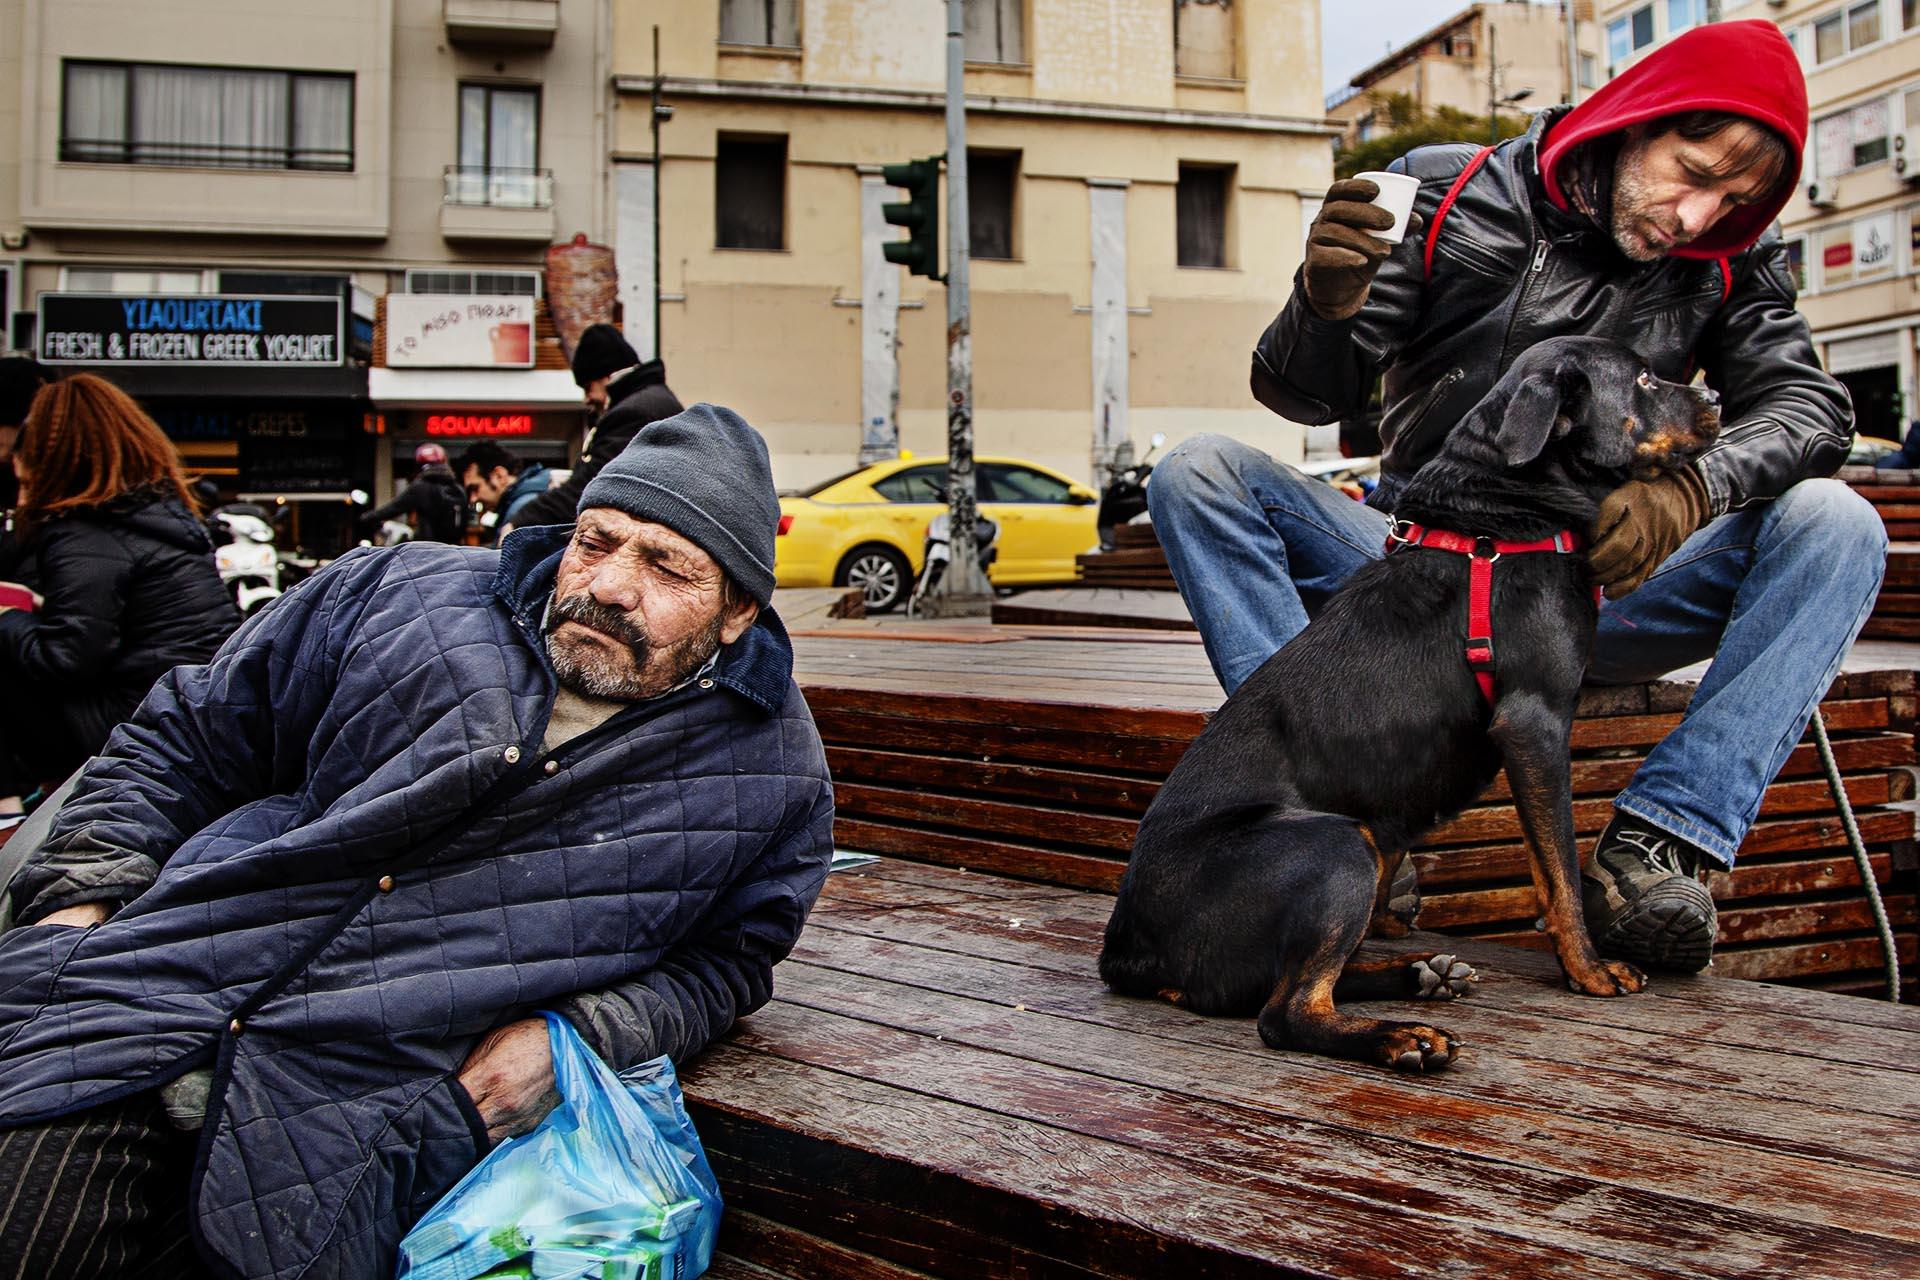 Los principales problemas de los helenos están relacionados directamente con su situación: el 60% están preocupados por el desempleo, un 46% por la situación económica y un 22% por la deuda del Gobierno